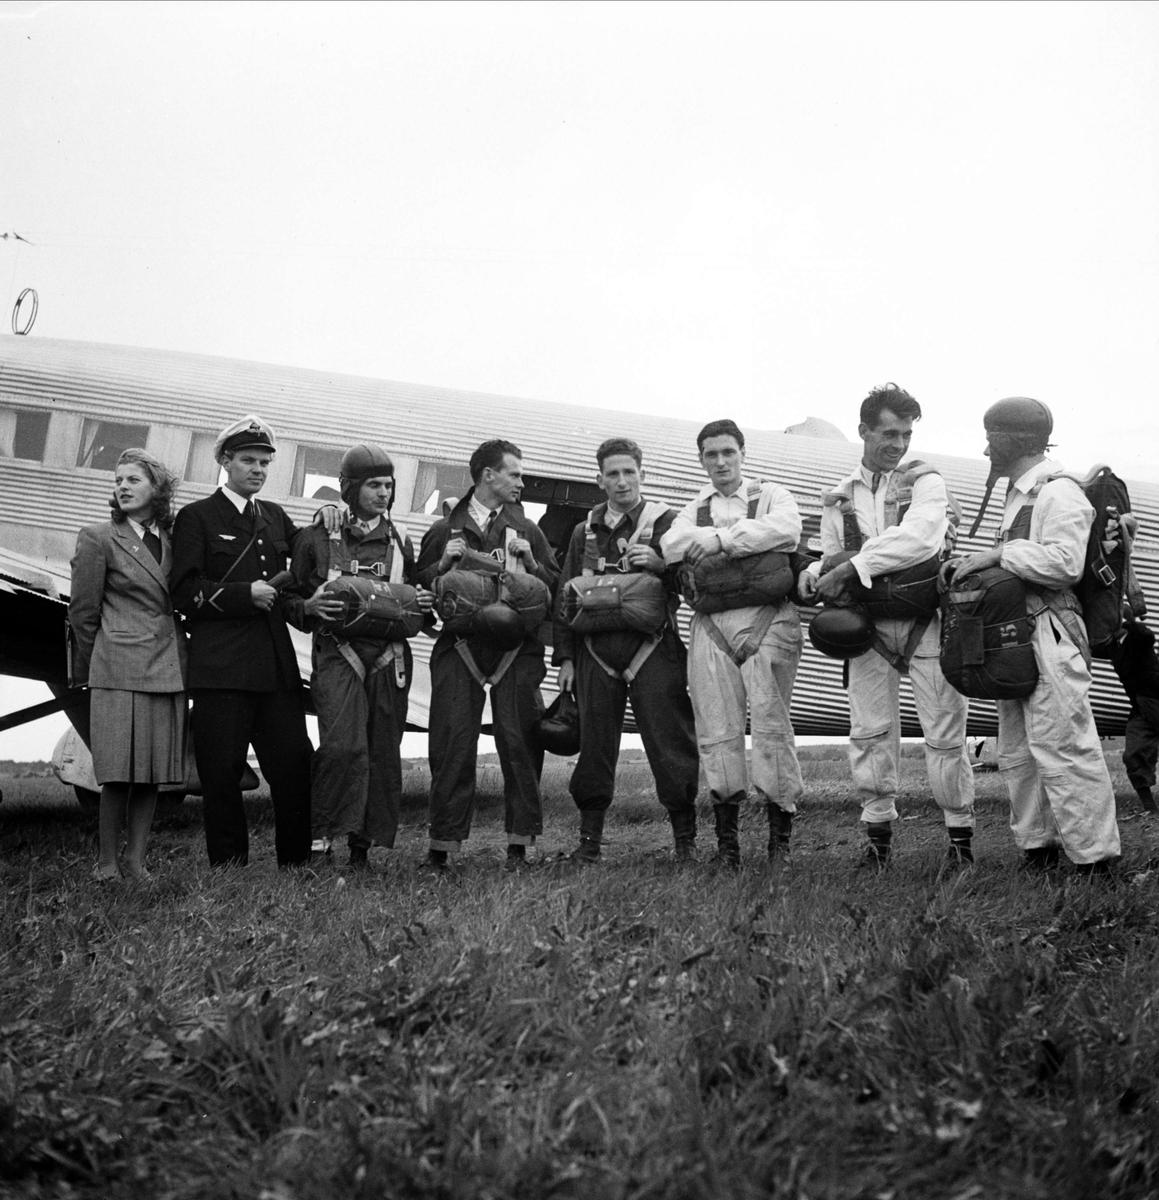 """Franska fallskärmshoppare, """"Sportflygets dag"""", Sundbro flygplats, Bälinge socken, Uppland september 1948"""